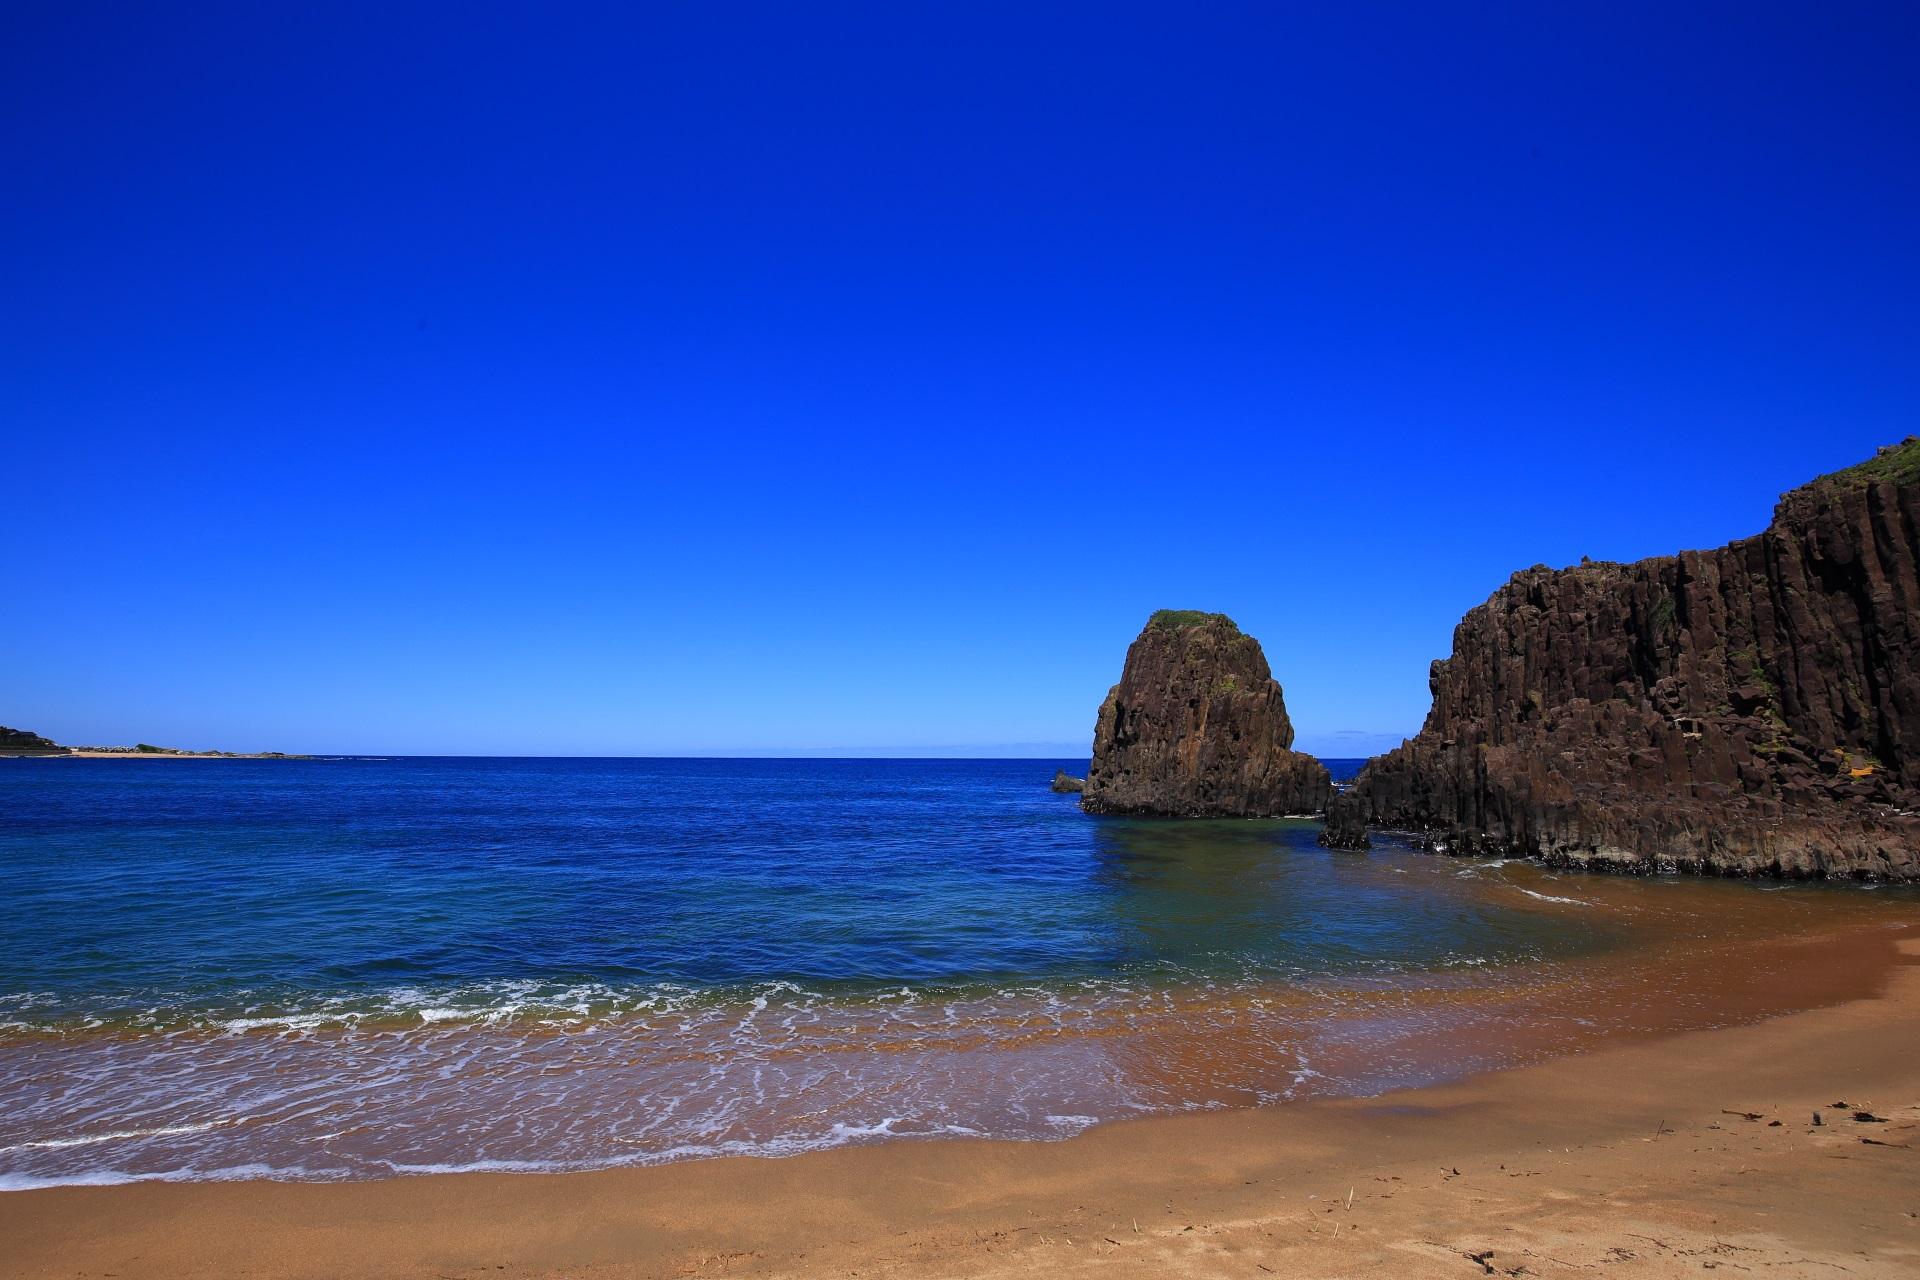 本当に青い空と海がある京丹後の間人